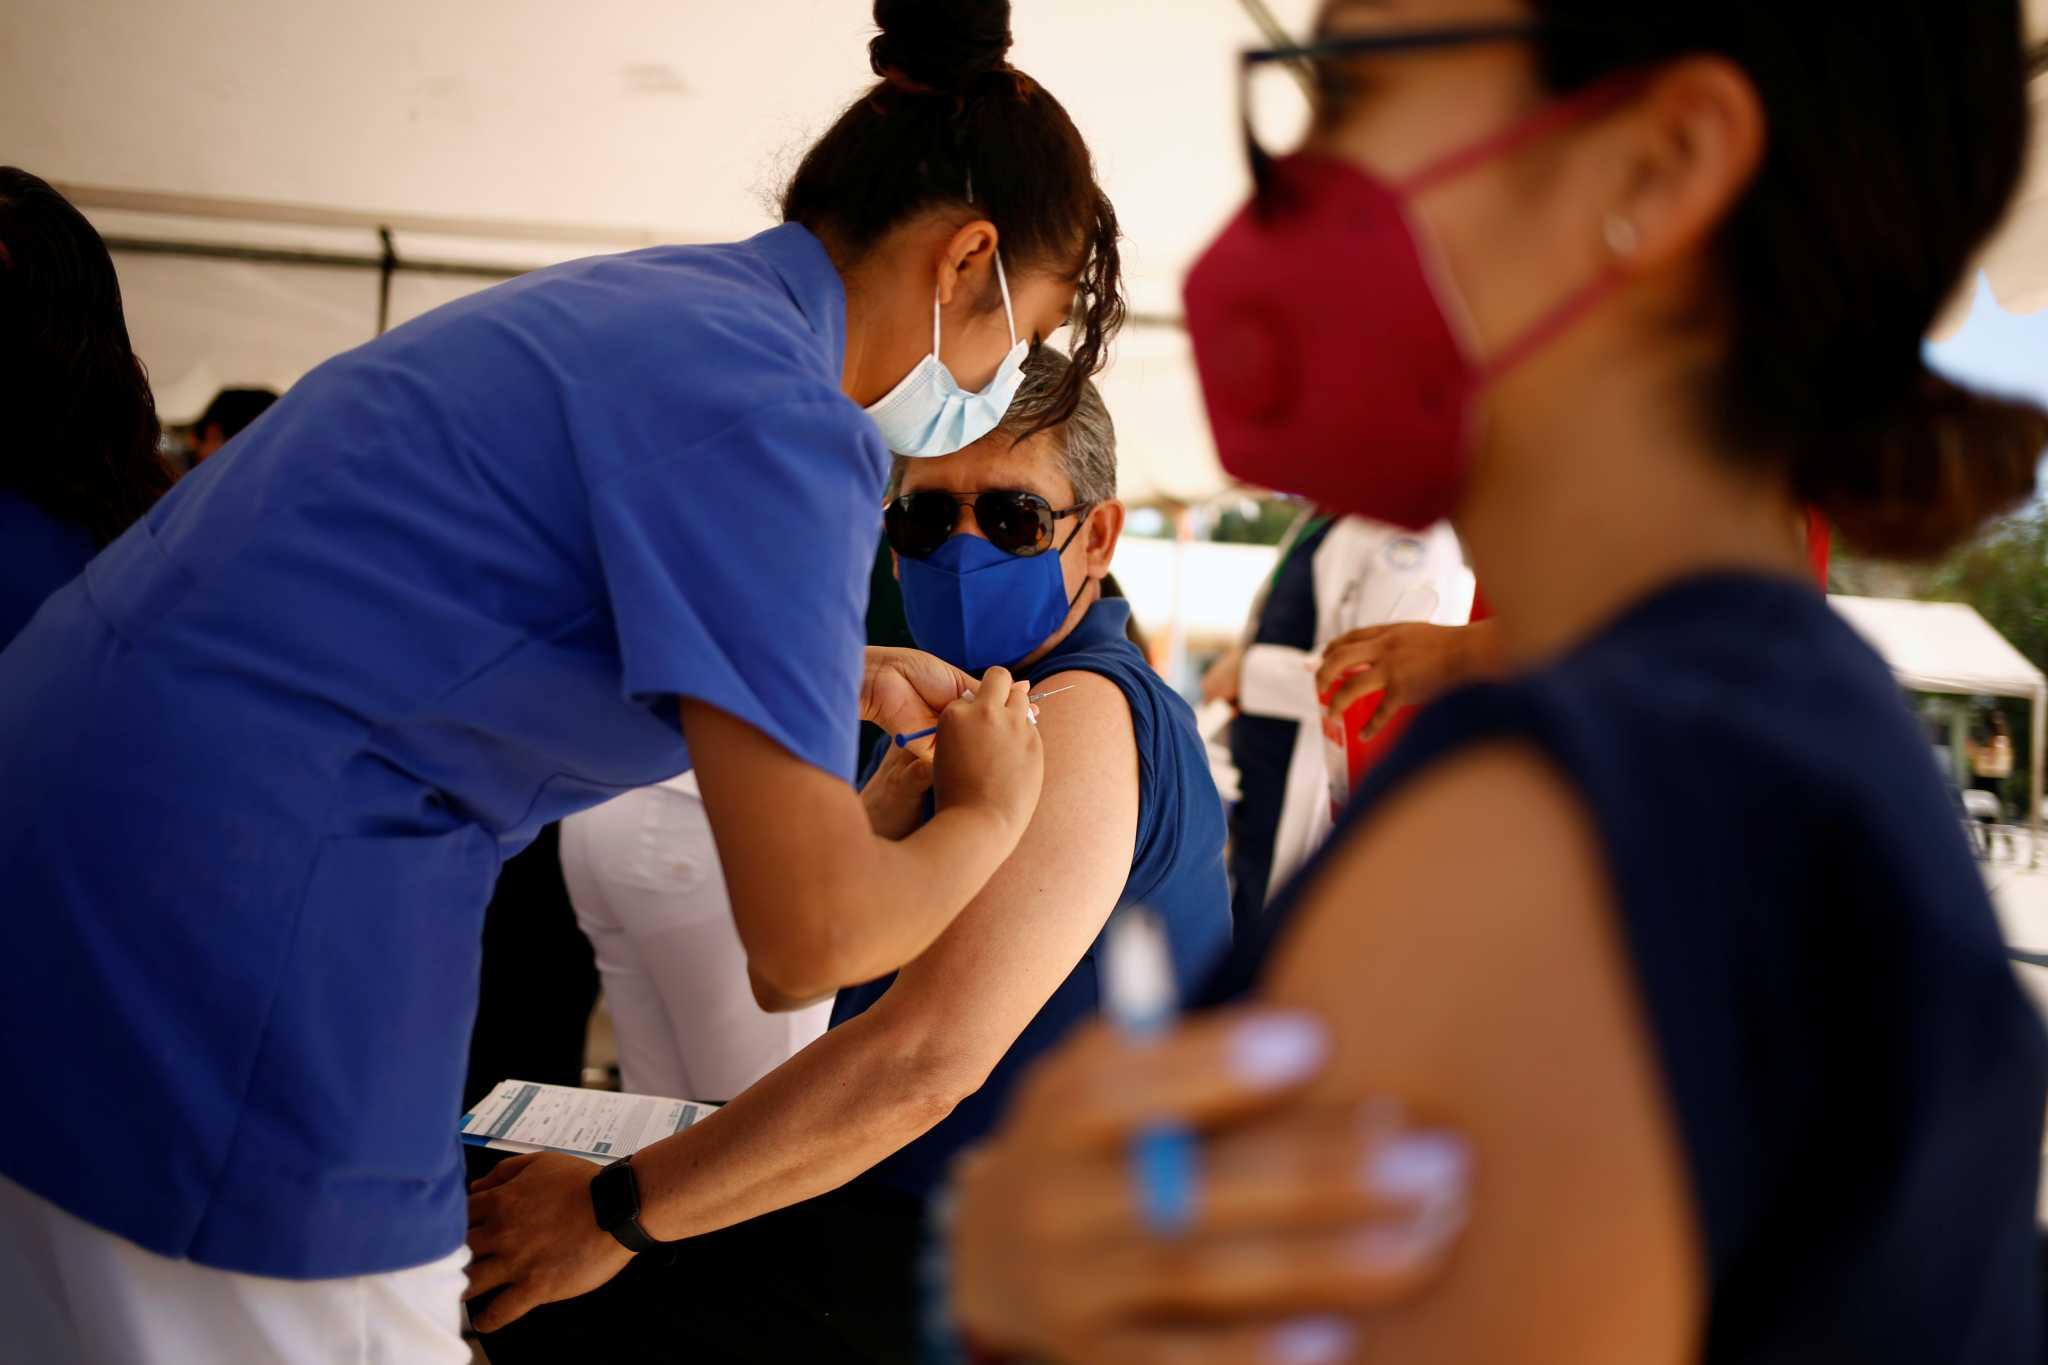 Χονγκ Κονγκ: Διήμερη άδεια στους δημόσιους υπαλλήλους που εμβολιάζονται